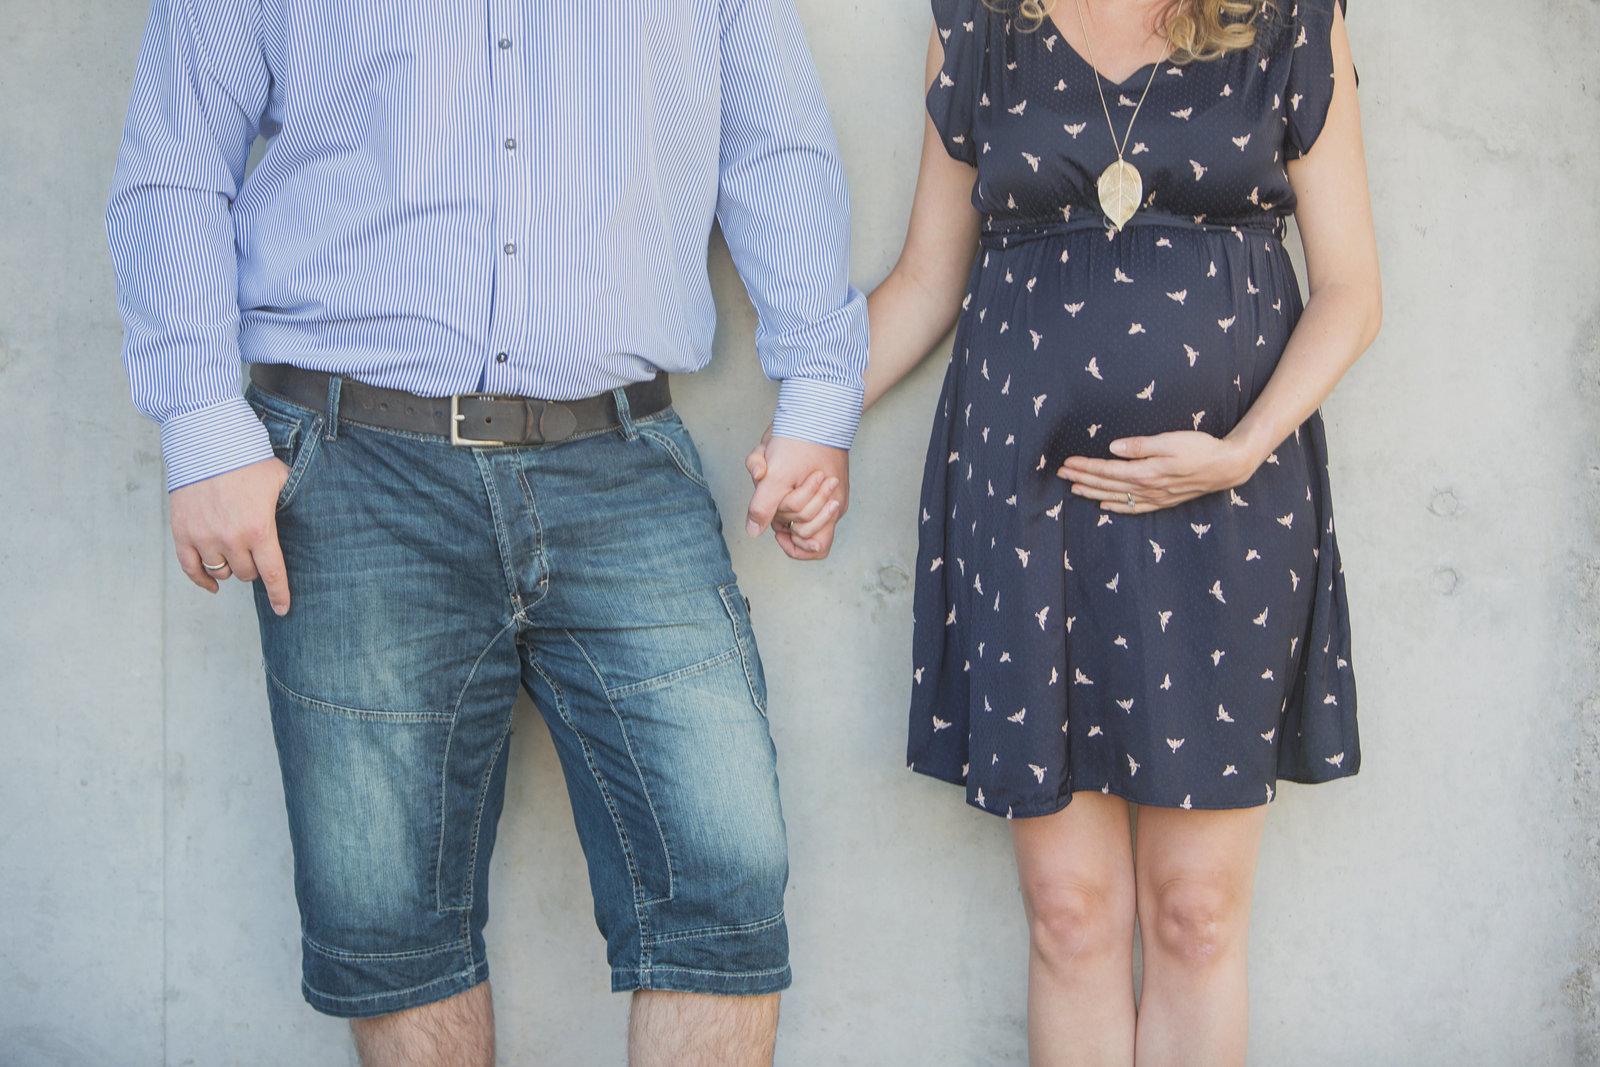 Schwangerschaftsfotos, Bauchbilder, Schwangerschaftsfotoshooting, Babybauchbilder, Schwanger, Fotos, Bilder